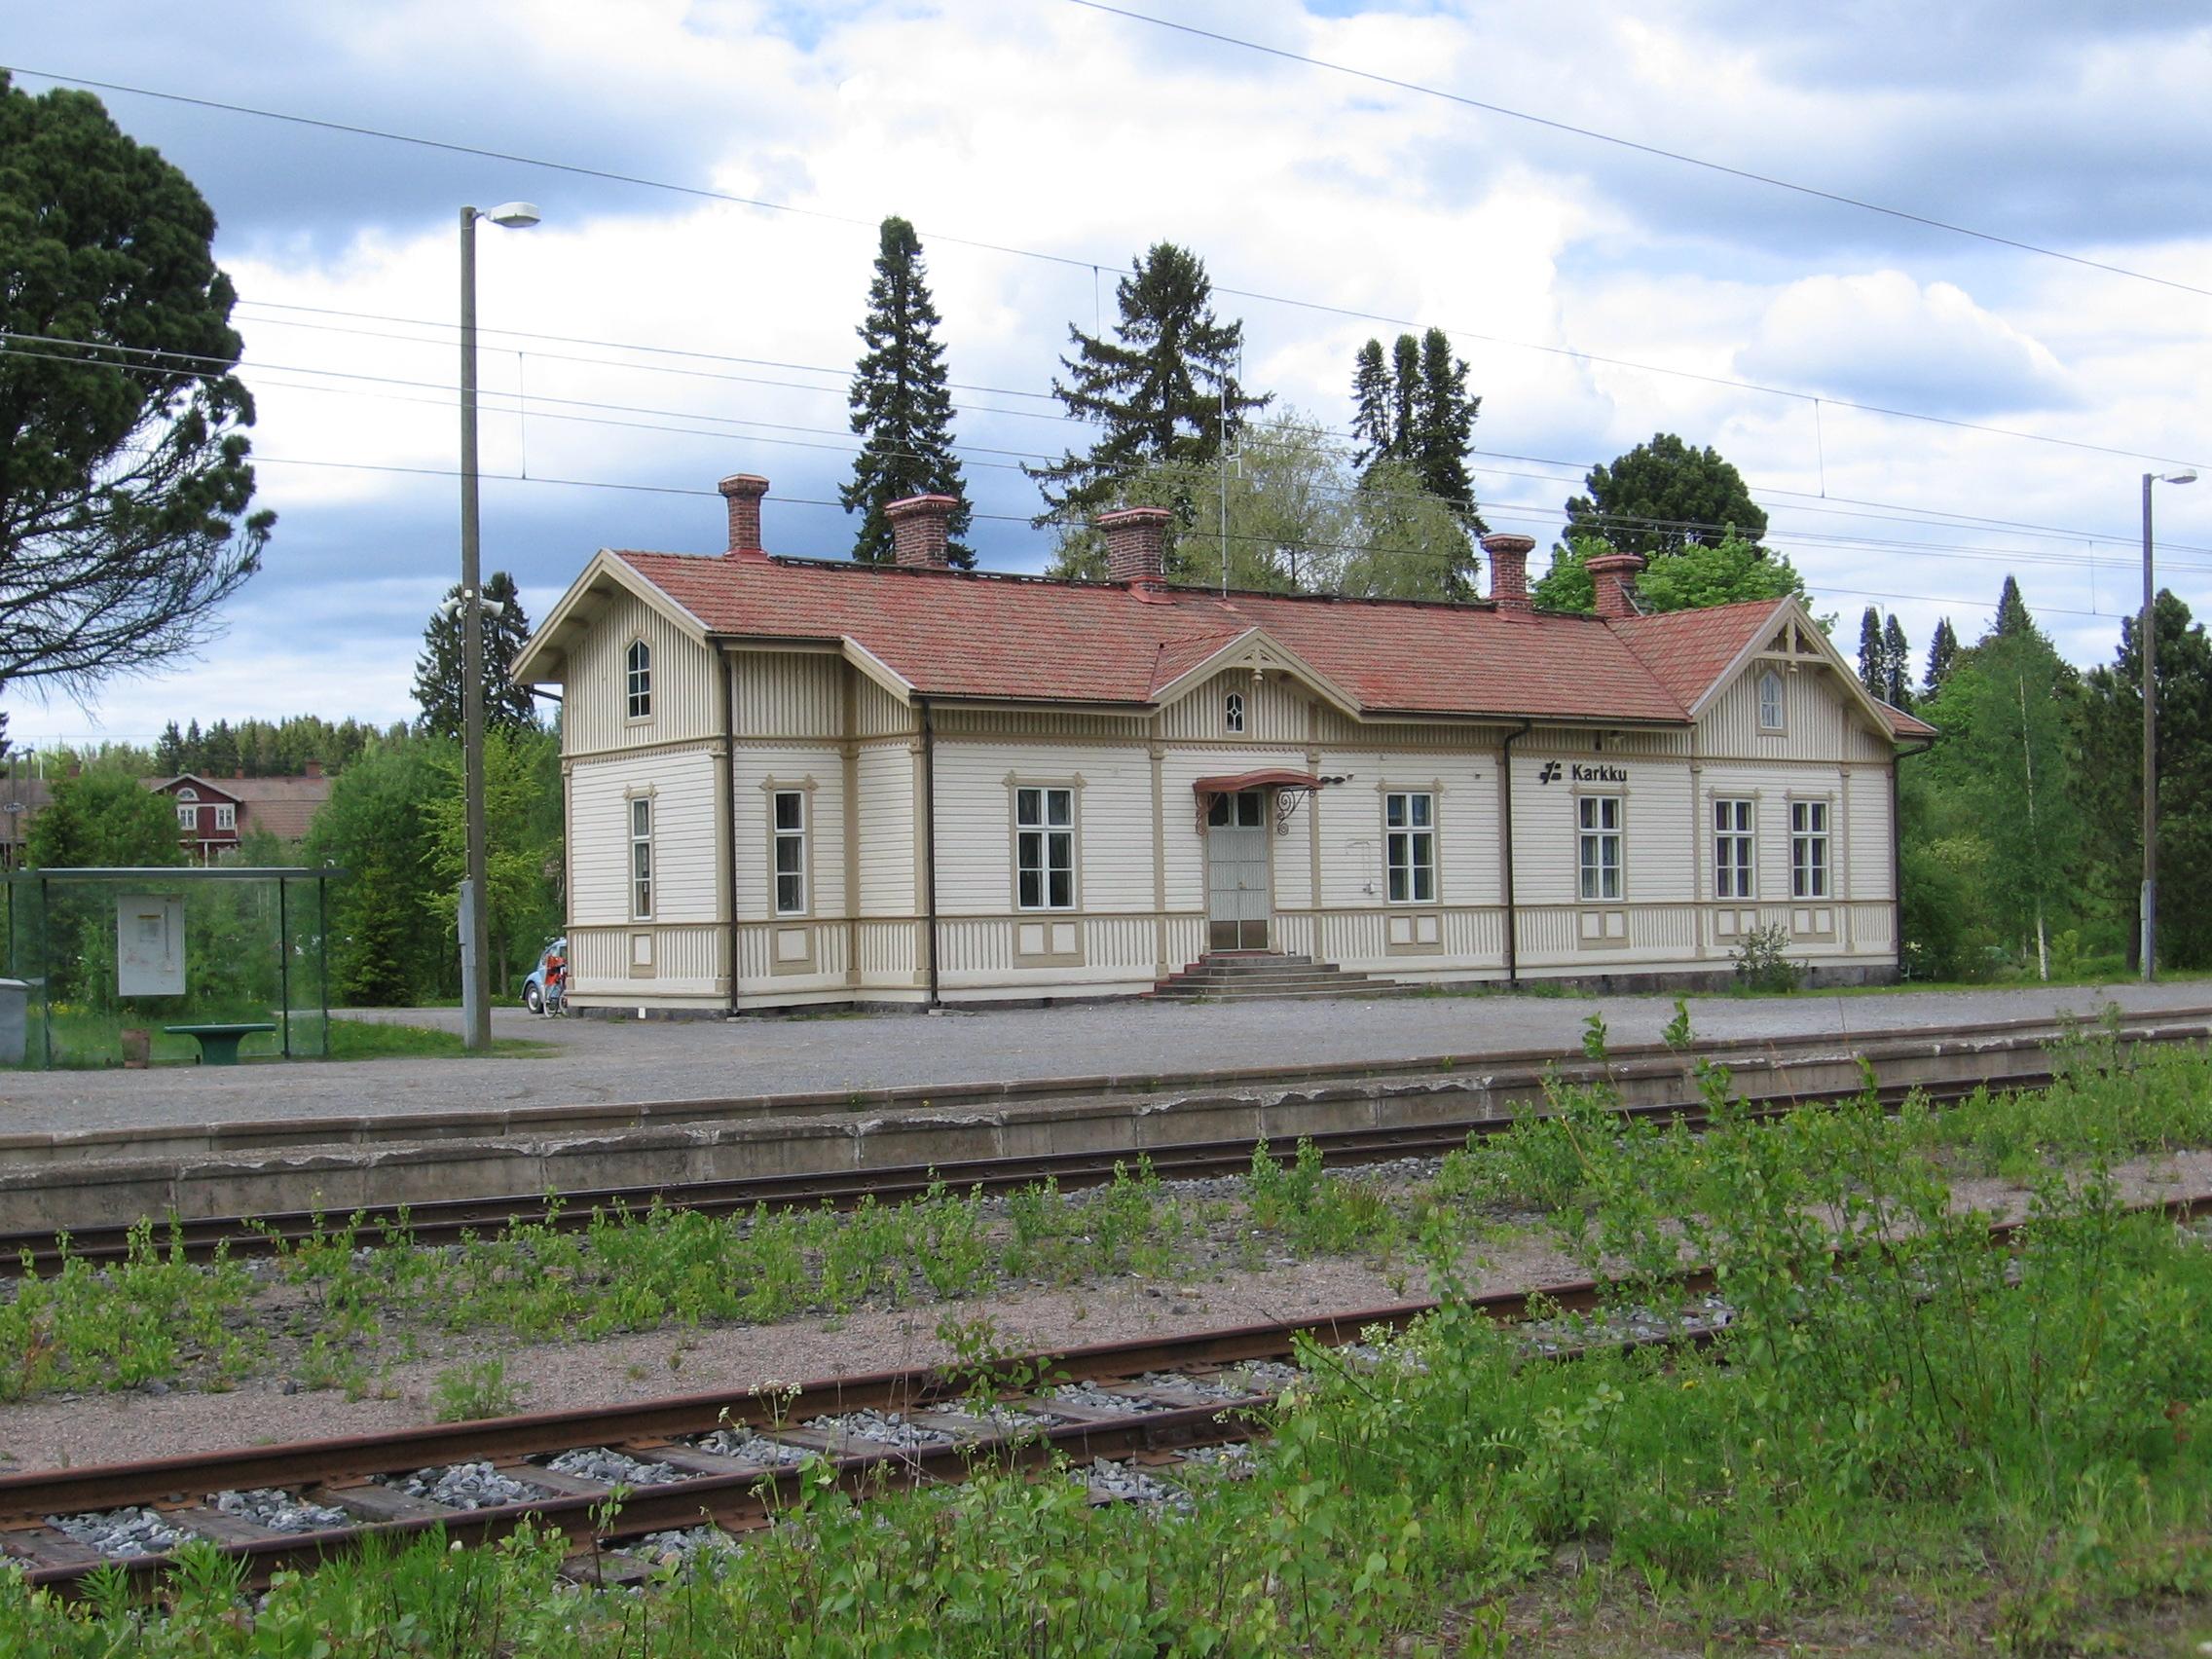 Kesäisessä kuvassa on puinen, melkein maantien vaalean ruskea, yksikerroksinen asemarakennus, jossa on punainen katto. Rakennuksessa on katolla useampi savupiippu. Rakennuksen keskellä on ovi jonka yläpuolella on pieni katos. Oven edessä ovat puiset portaat. Oven oikealla puolella on neljä isoa ikkunaa, joissa kussakin on neljä ruutua. Vasemmalla puolella on yksi iso ikkuna, jonka jälkeen talossa on sisäänpäin nurkka, jossa on ikkuna radalle päin. Talon päädyssä on iso ikkuna ja vintin ikkuna. Pihassa on asfaltti. Talon ympärillä näkyy erialisia isoja puita. Junarata menee kuvan etuosassa kello 8 suunnasta kello 2.30 suuntaan. Kiskoja on kolme paria. Kiskojen välissä kasvaa heinää.